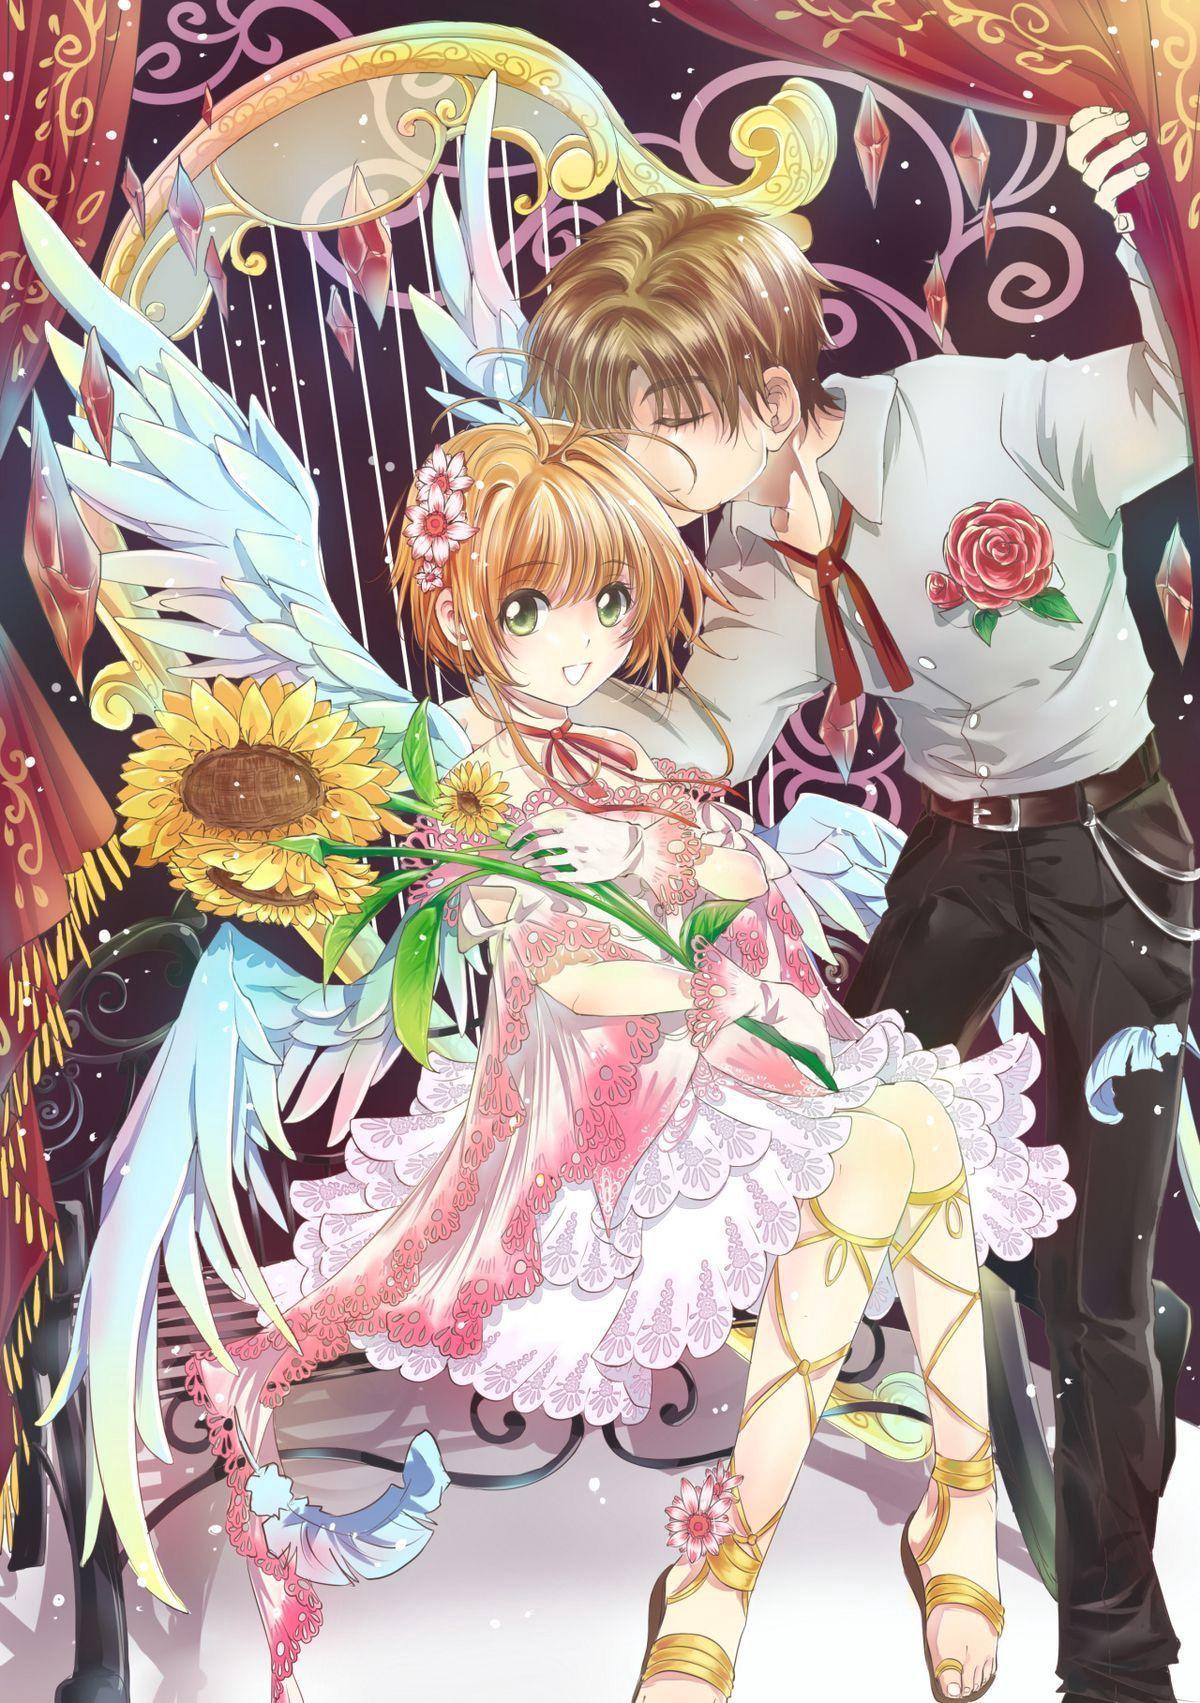 #wattpad #random Cốt truyện bắt đầu từ thờ điểm Syaoran trở về Tomoeda, Sakura có một giấc mơ kì lạ về việc Sakura Card trở thành trong suốt, và khi cô tỉnh ...